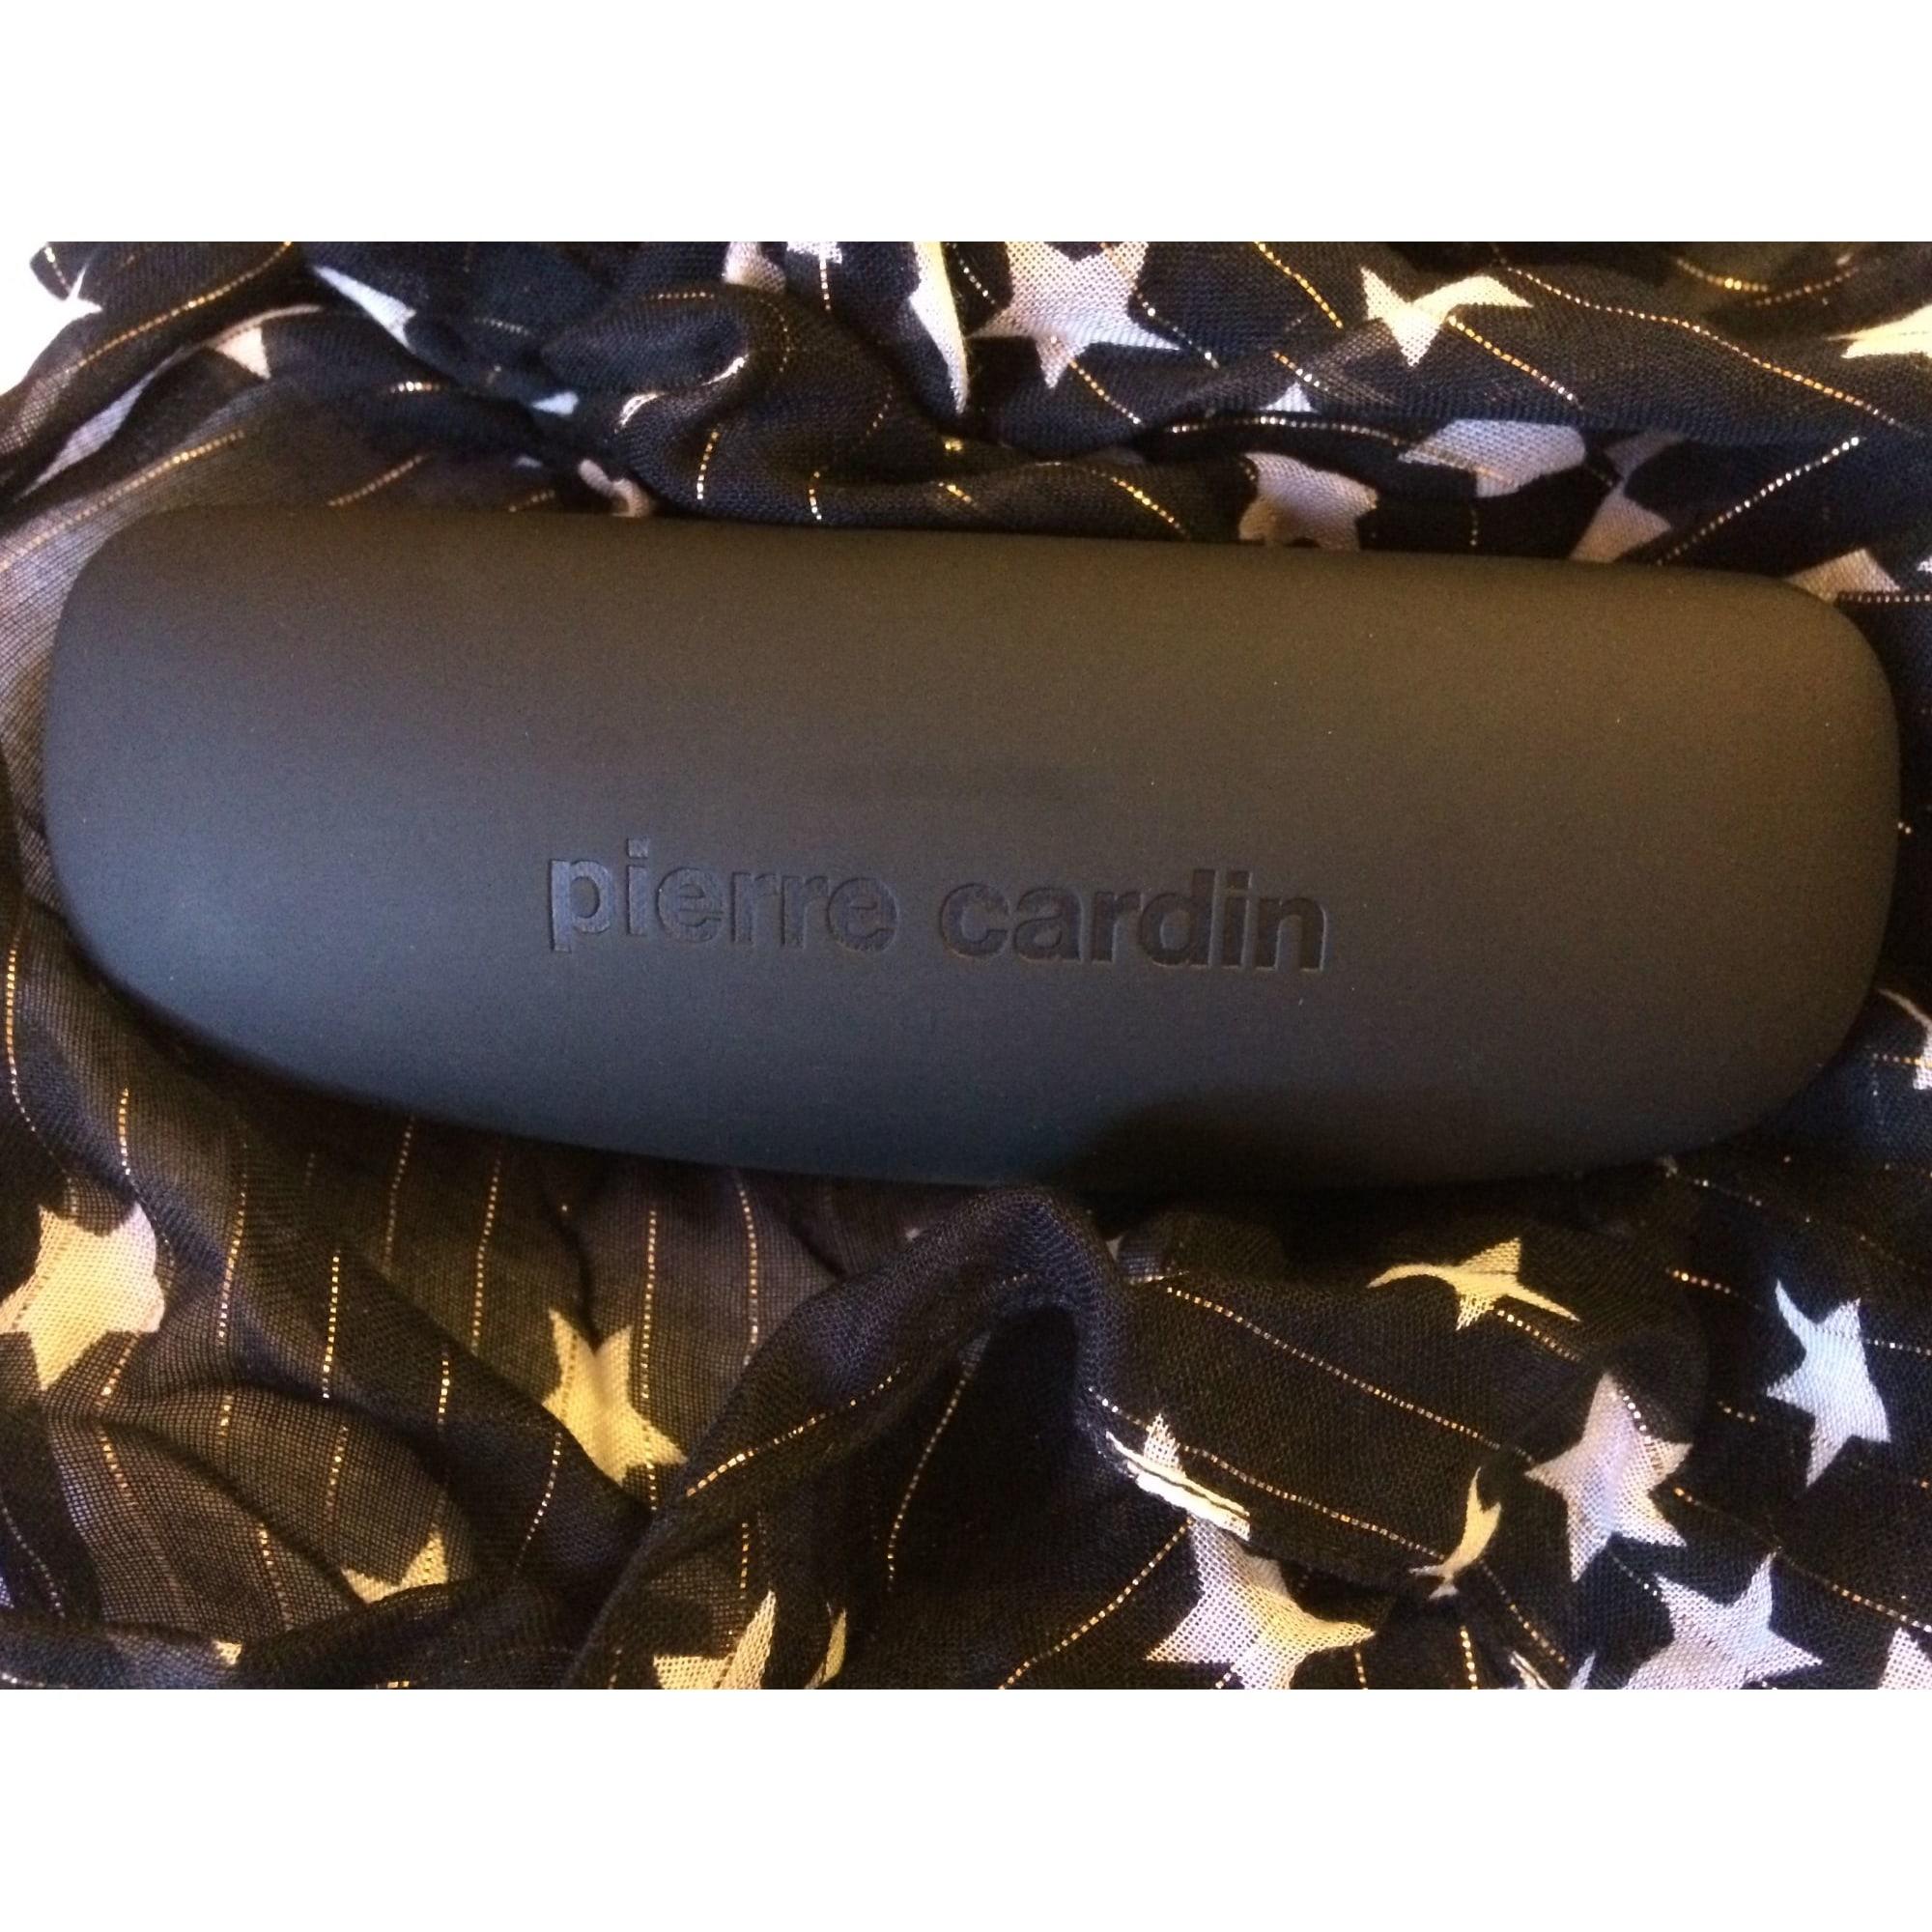 Eyeglass Frames PIERRE CARDIN Black